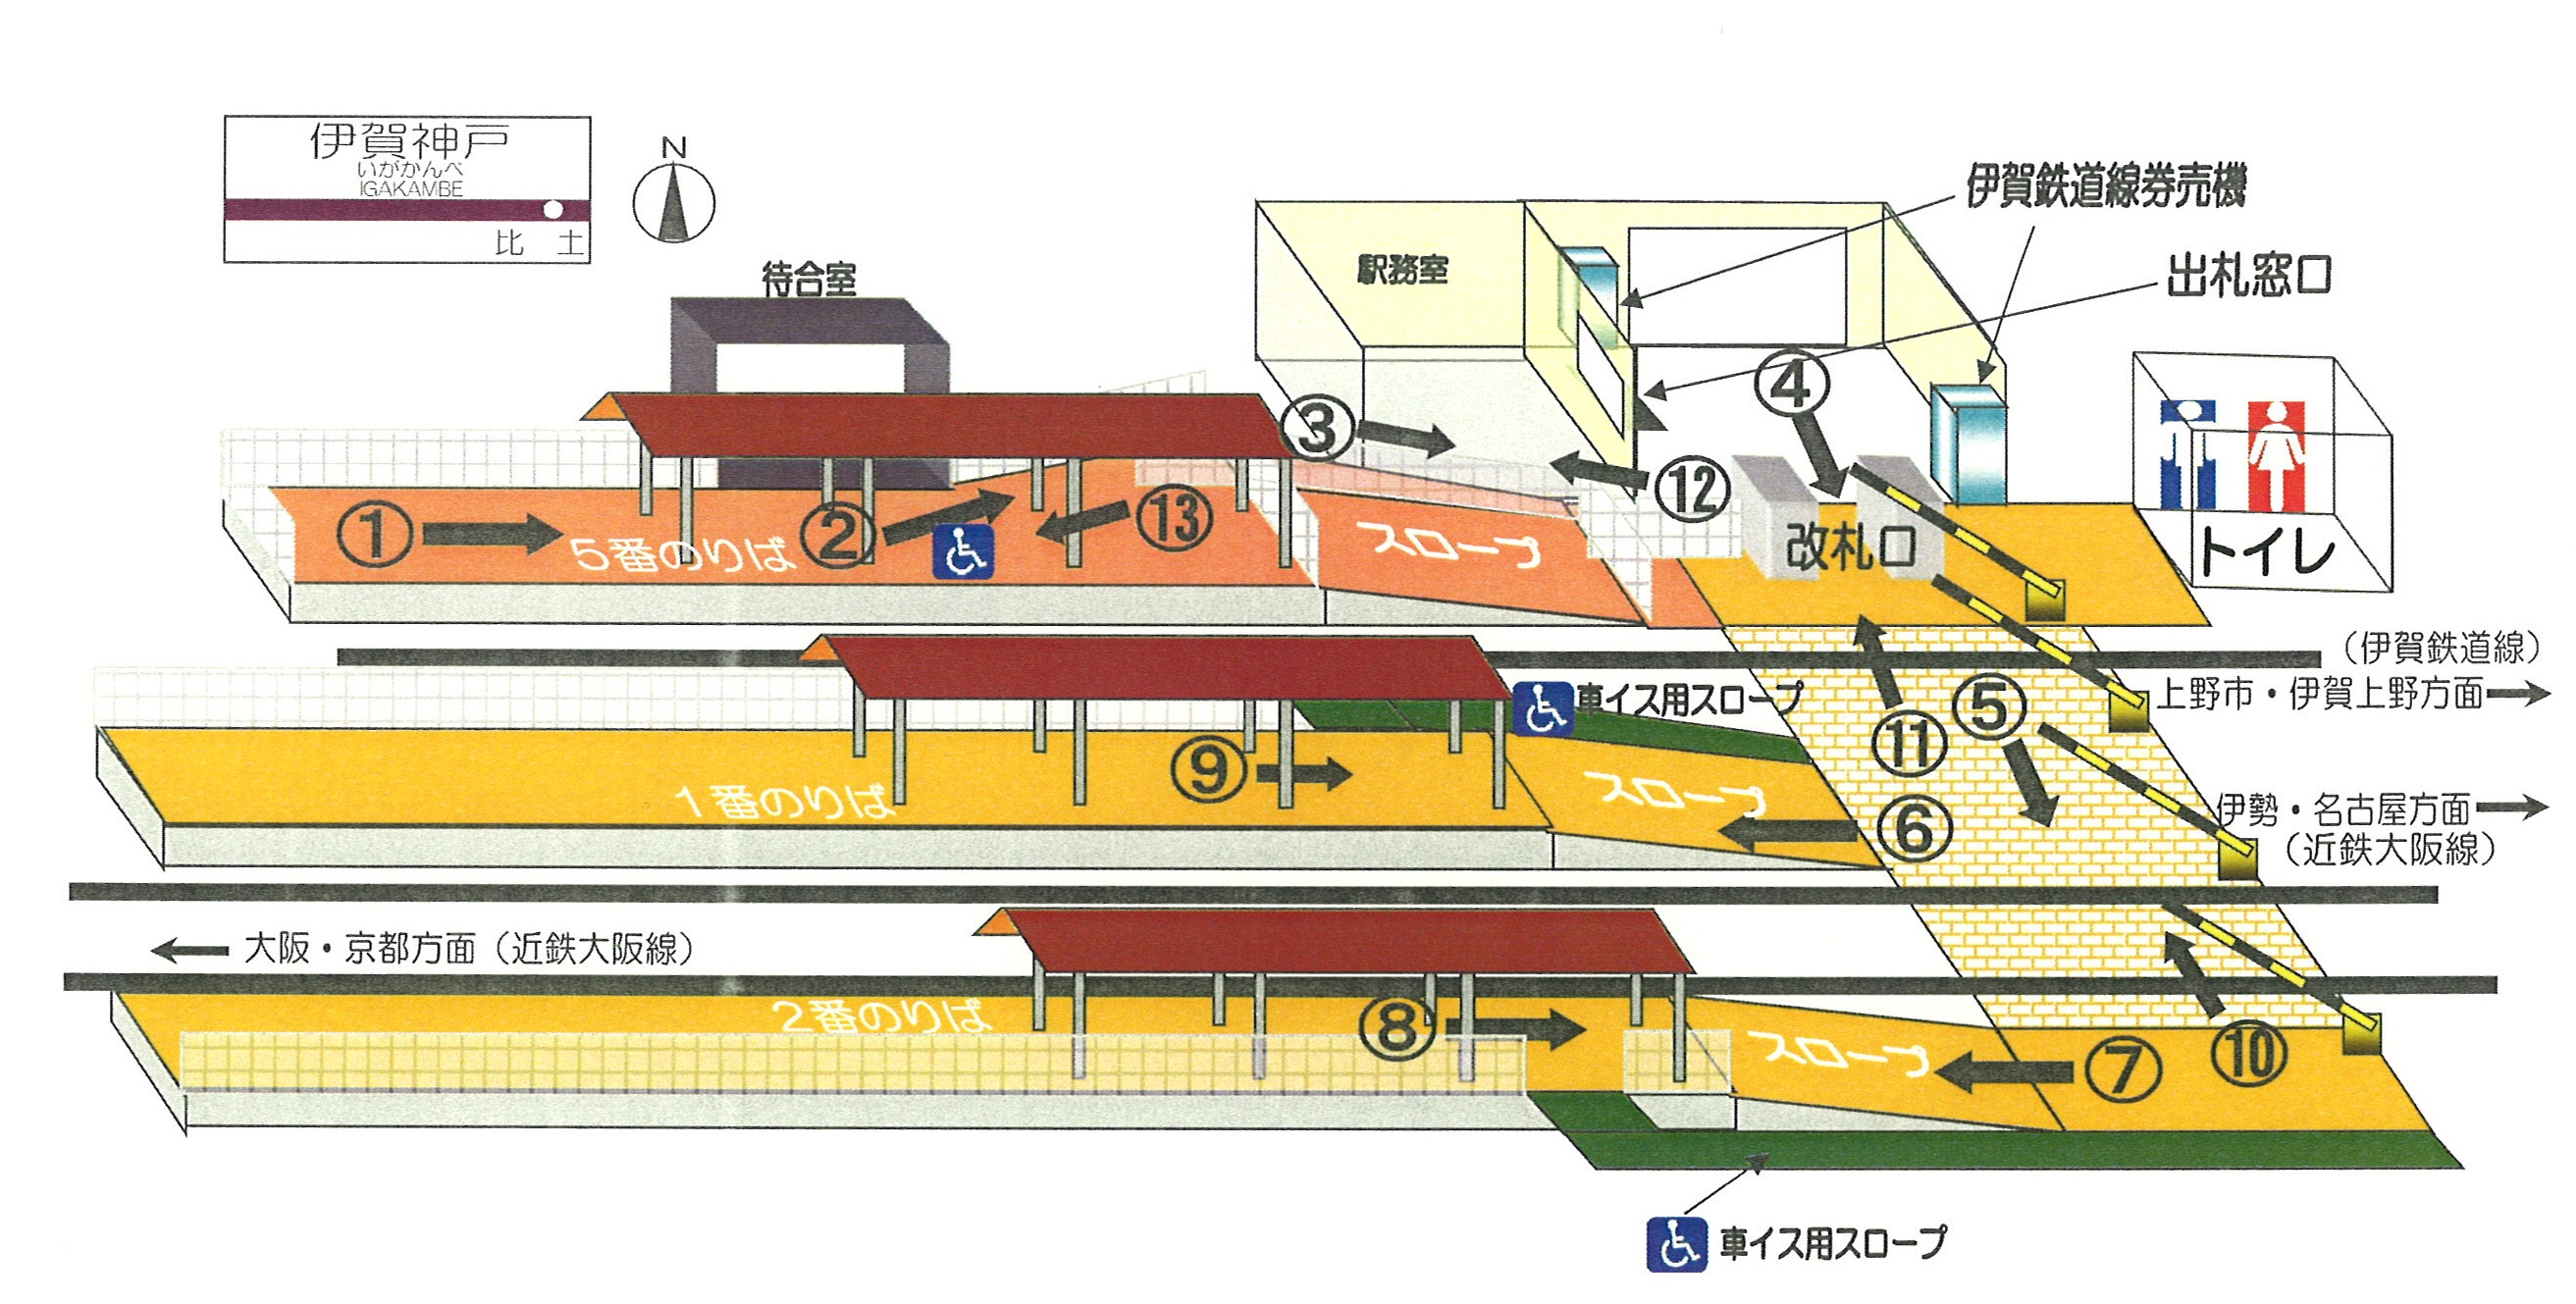 伊賀神戸駅で、伊賀鉄道に乗り換え